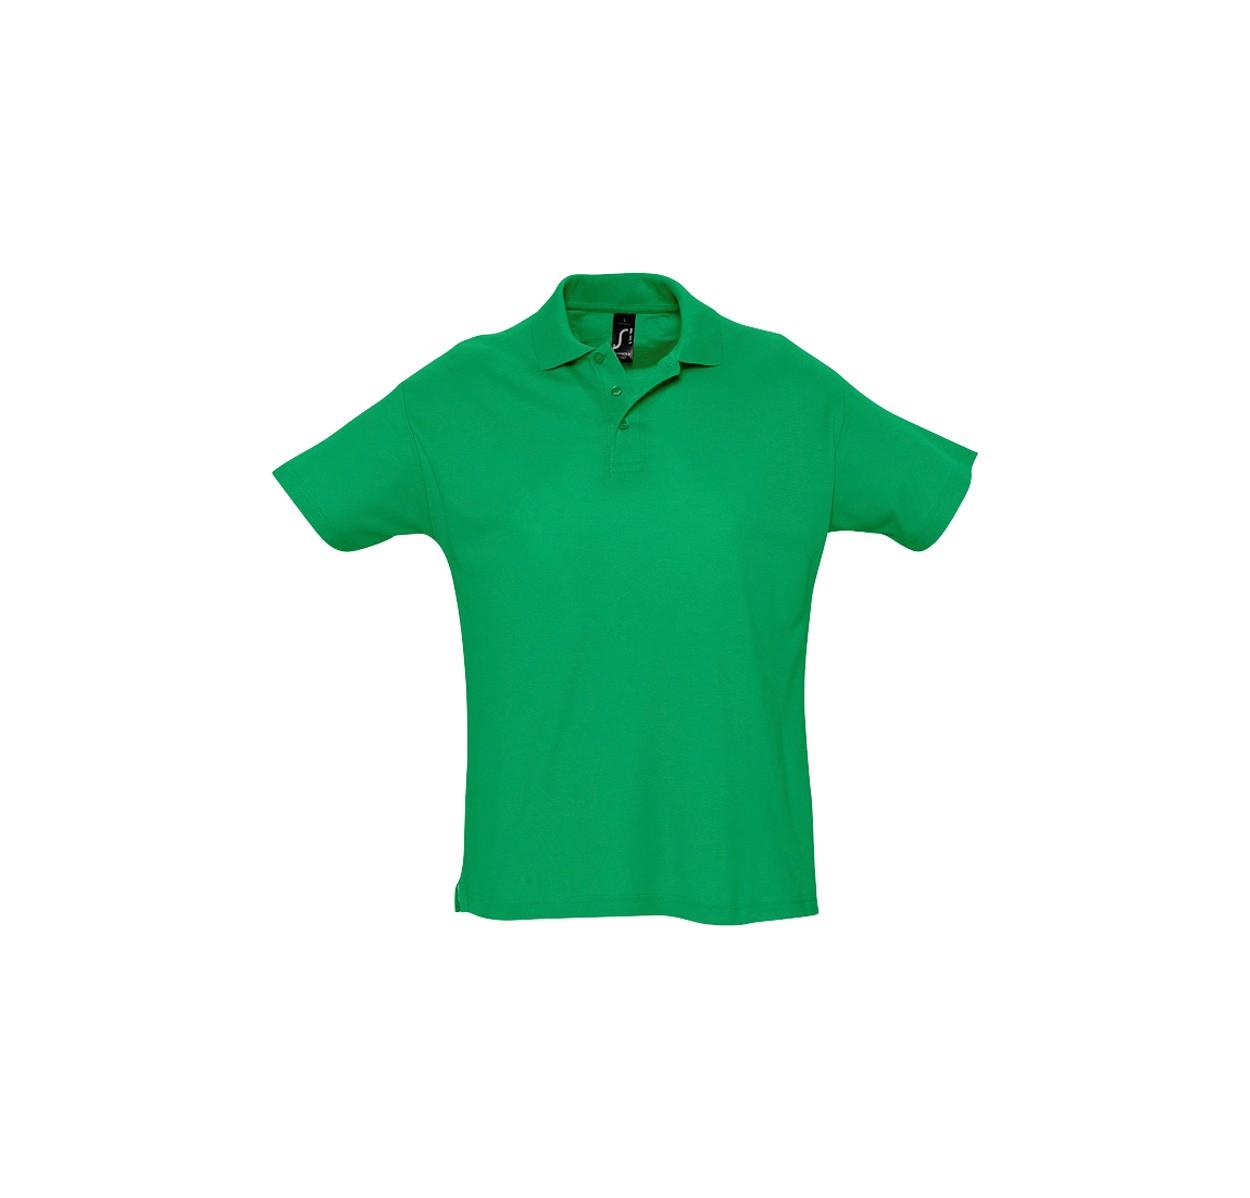 Polokošile Pique Summer II - Zelená / XL